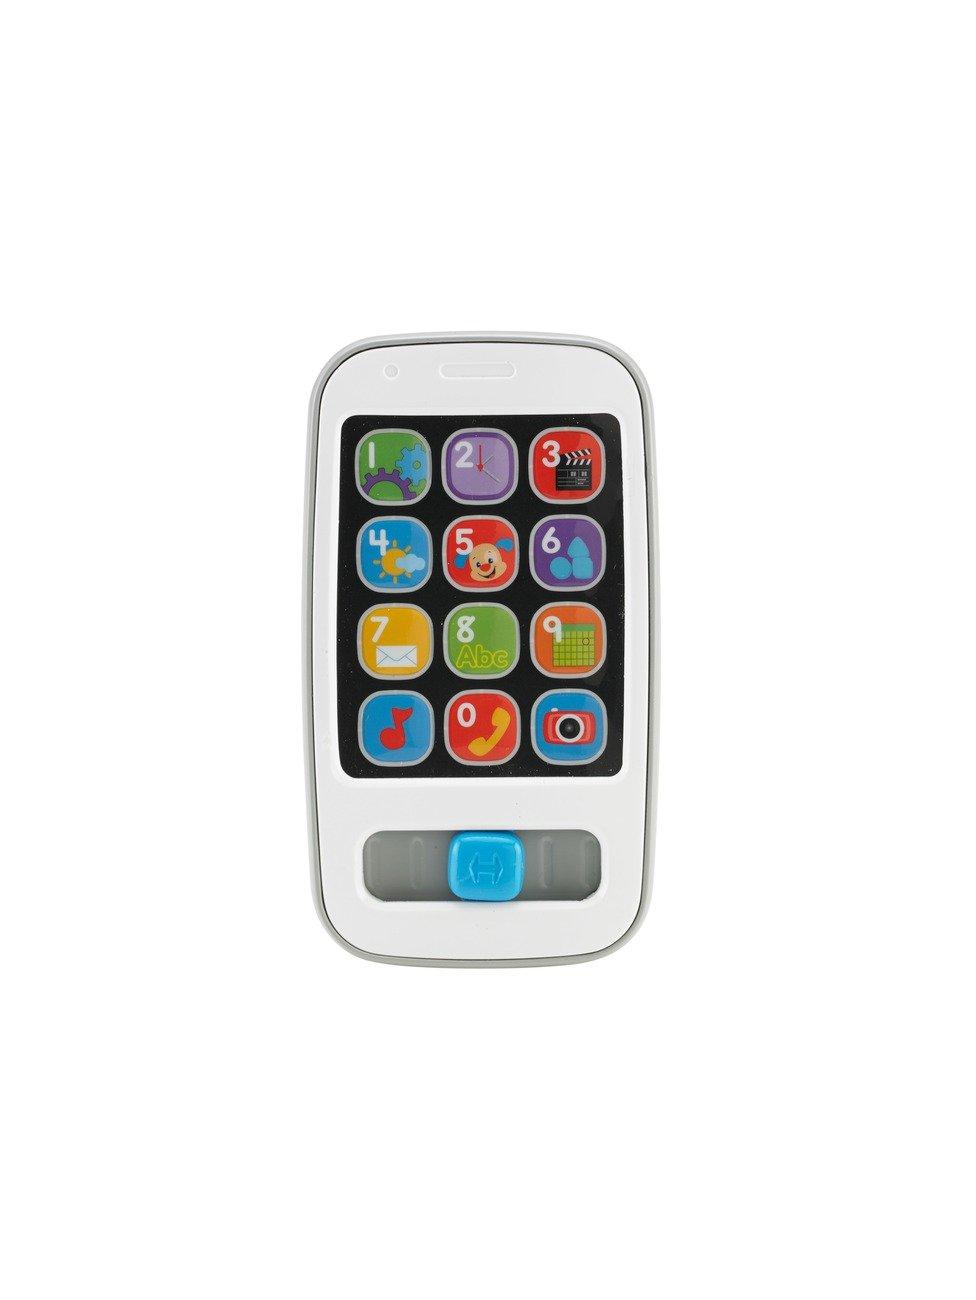 fvs lernspaß smart phone - 61ZYQTH20IL - FVS Lernspaß Smart Phone